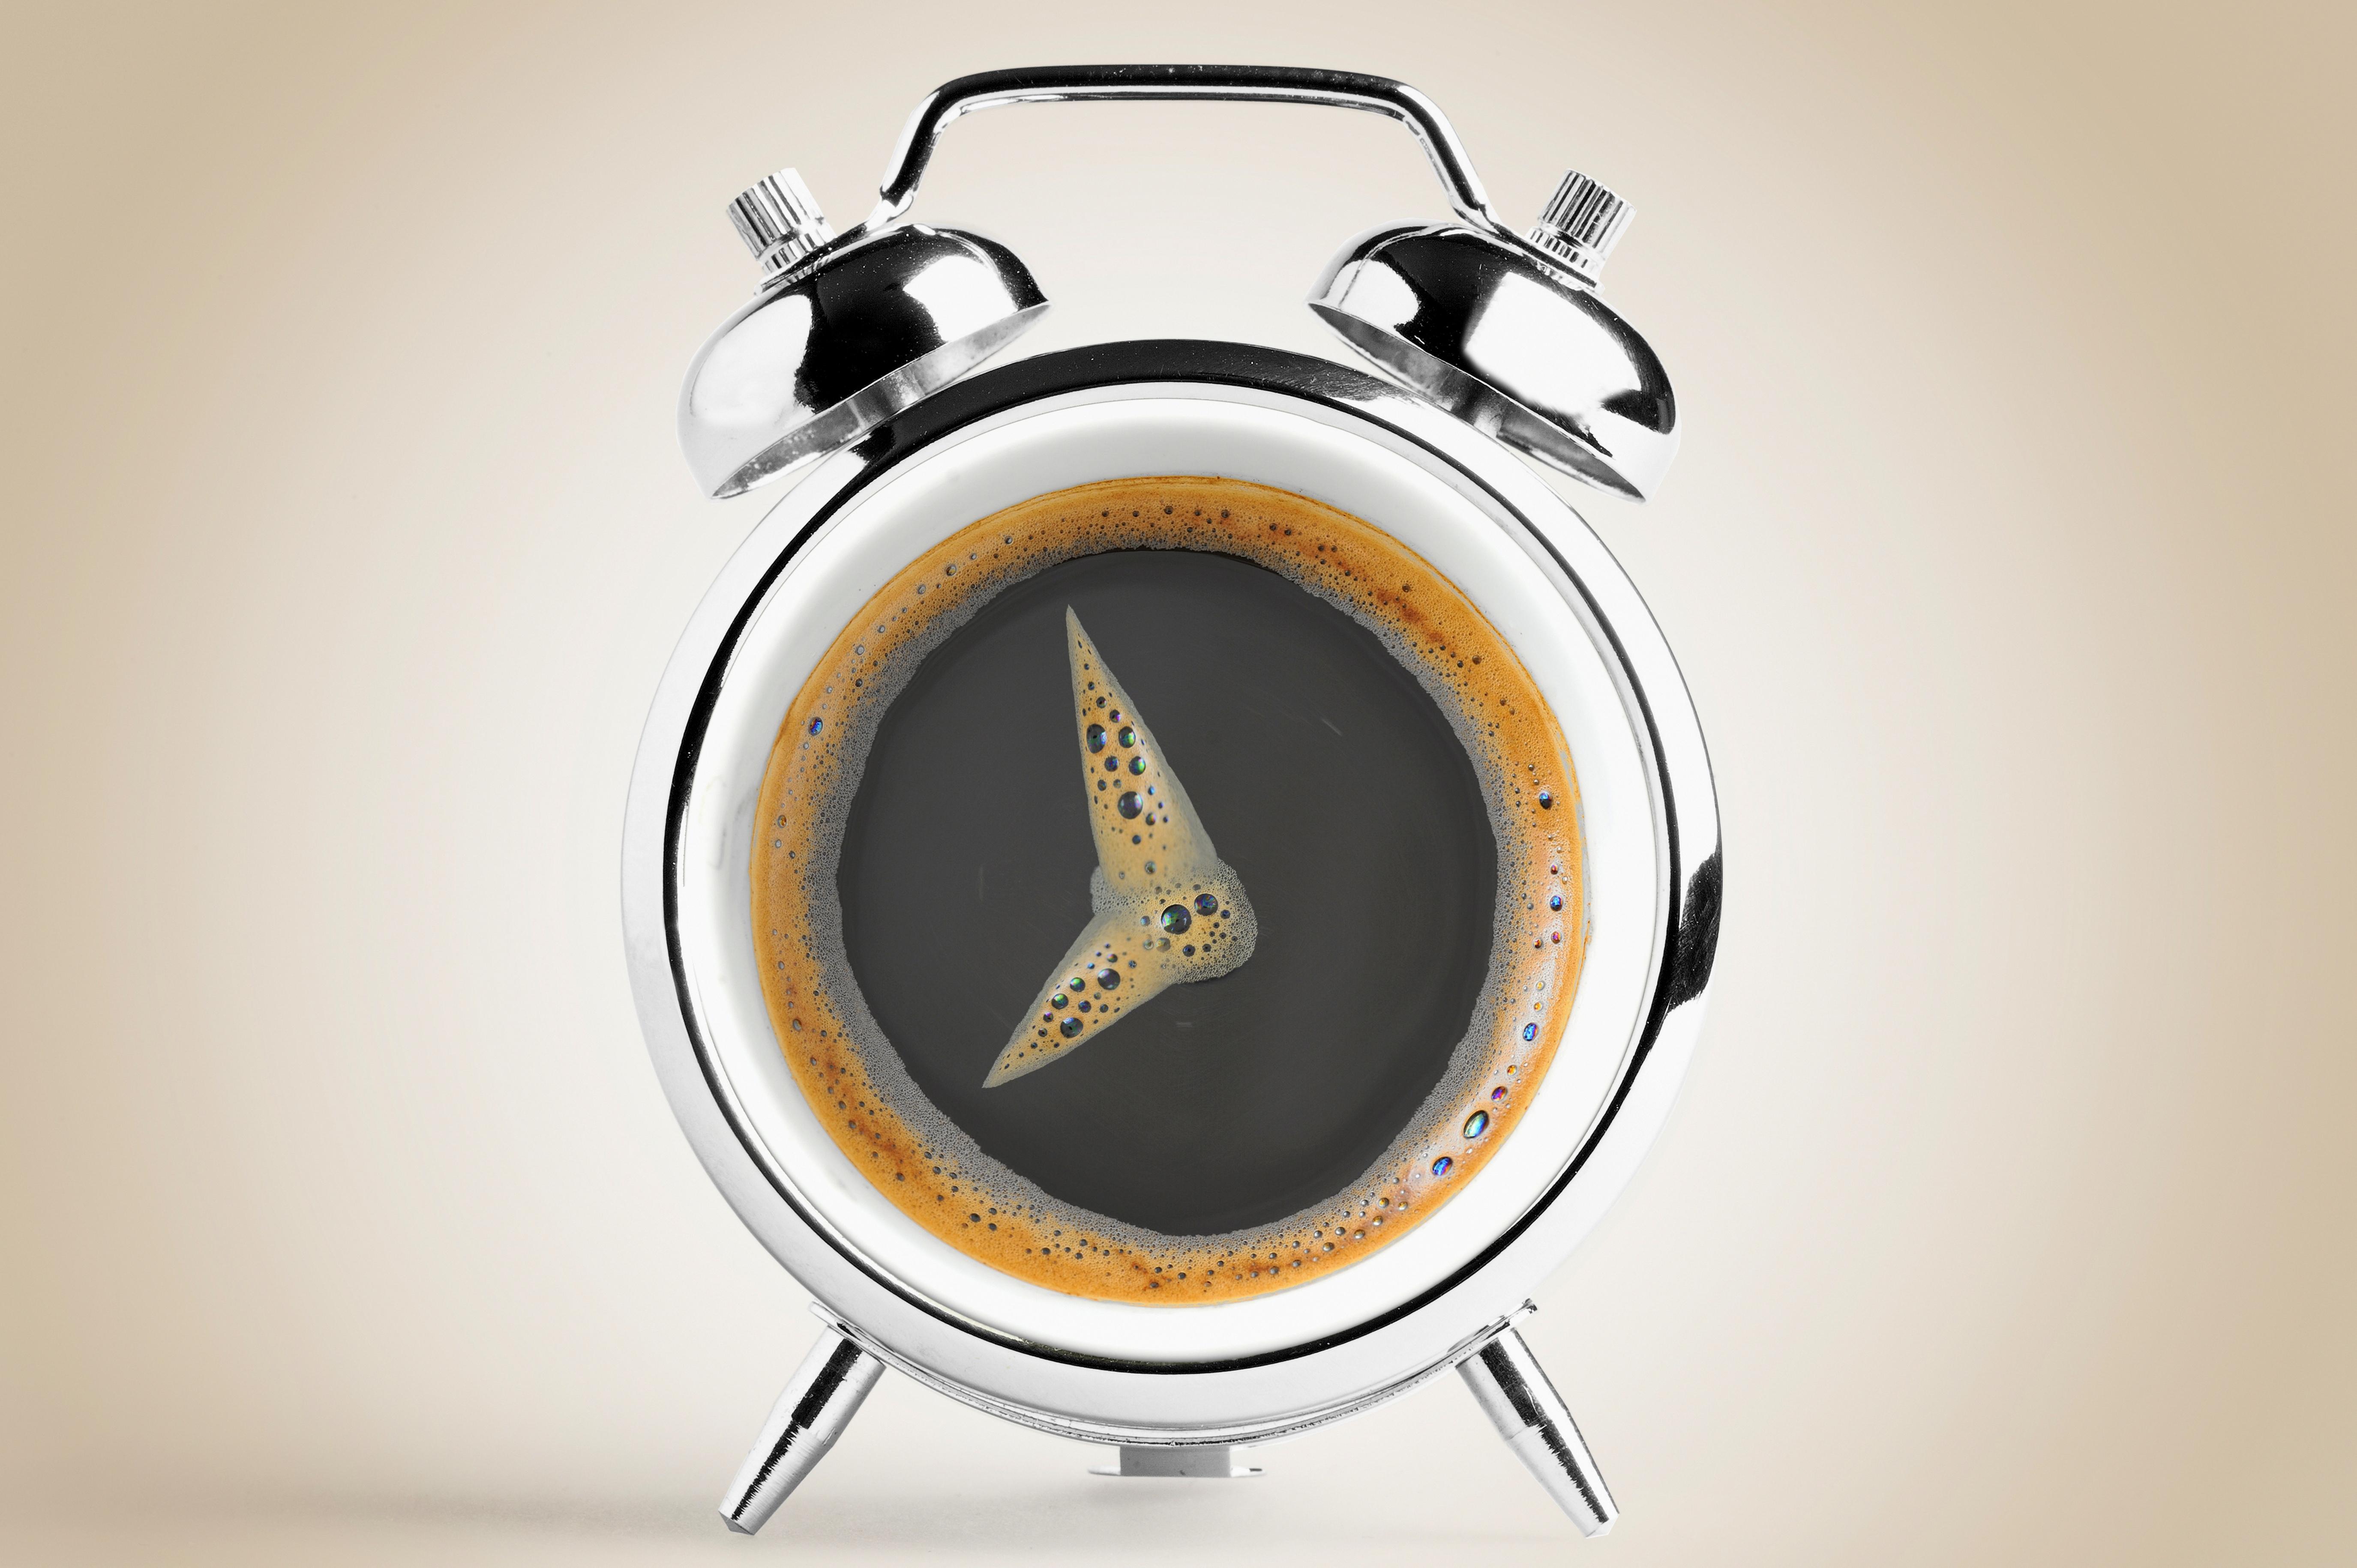 57218 Hintergrundbild herunterladen Coffee, Verschiedenes, Sonstige, Bild, Zeichnung, Schaum, Wecker - Bildschirmschoner und Bilder kostenlos